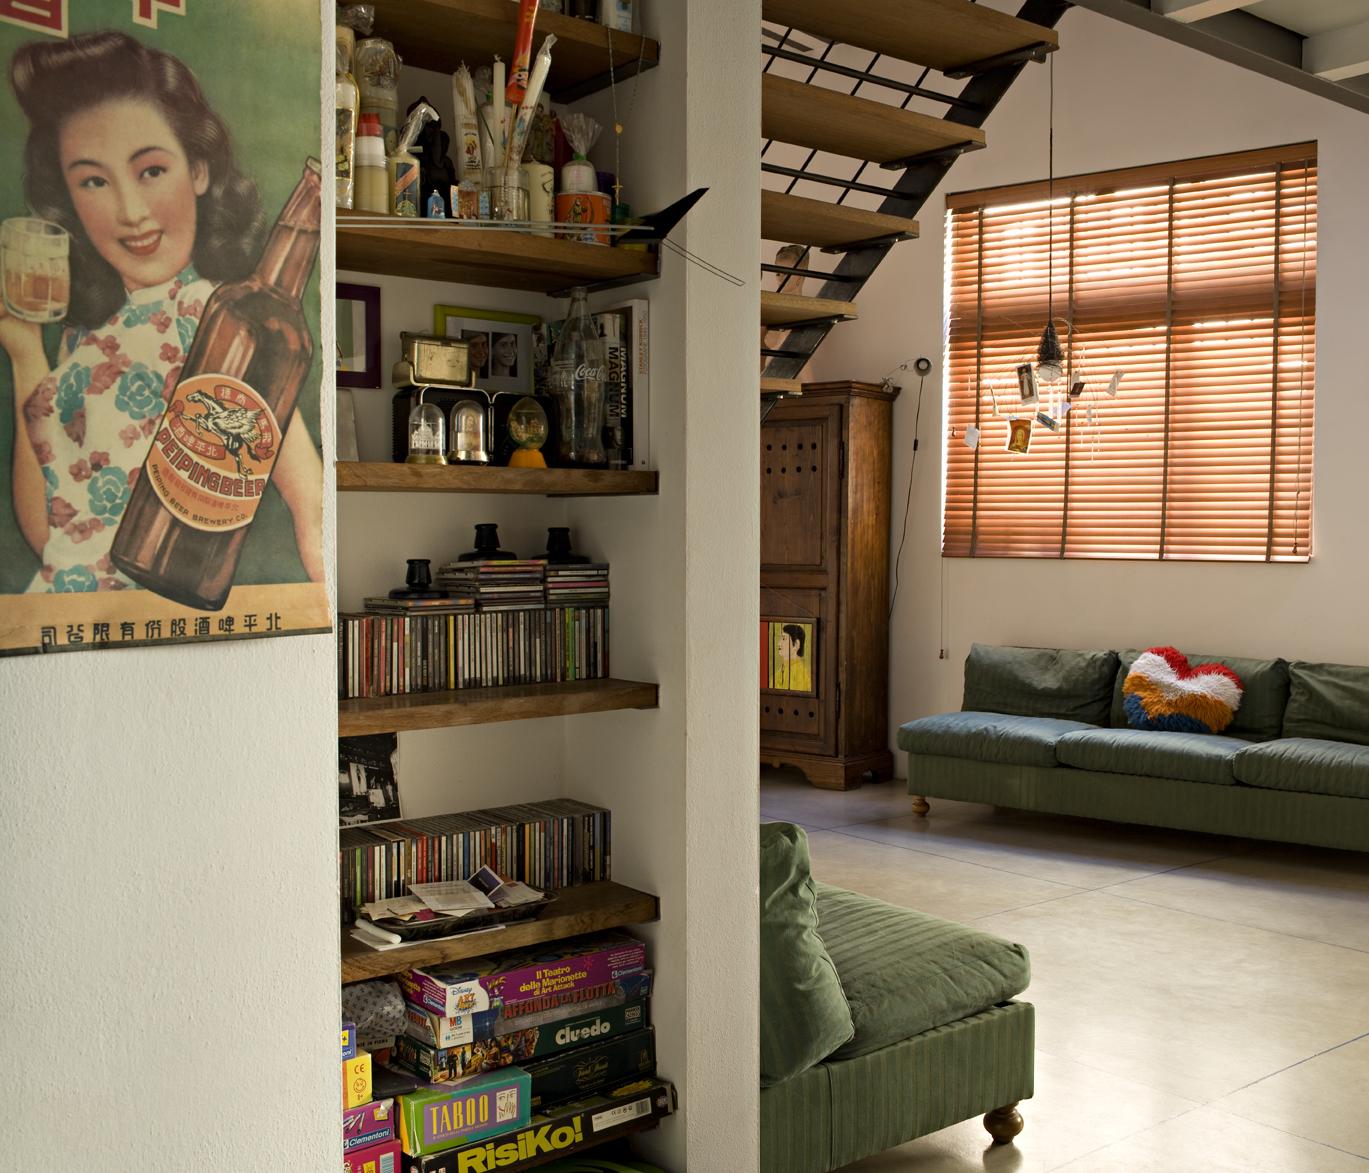 Un loft in stile vintage con soppalco casa luce - Oggetti simpatici per la casa ...